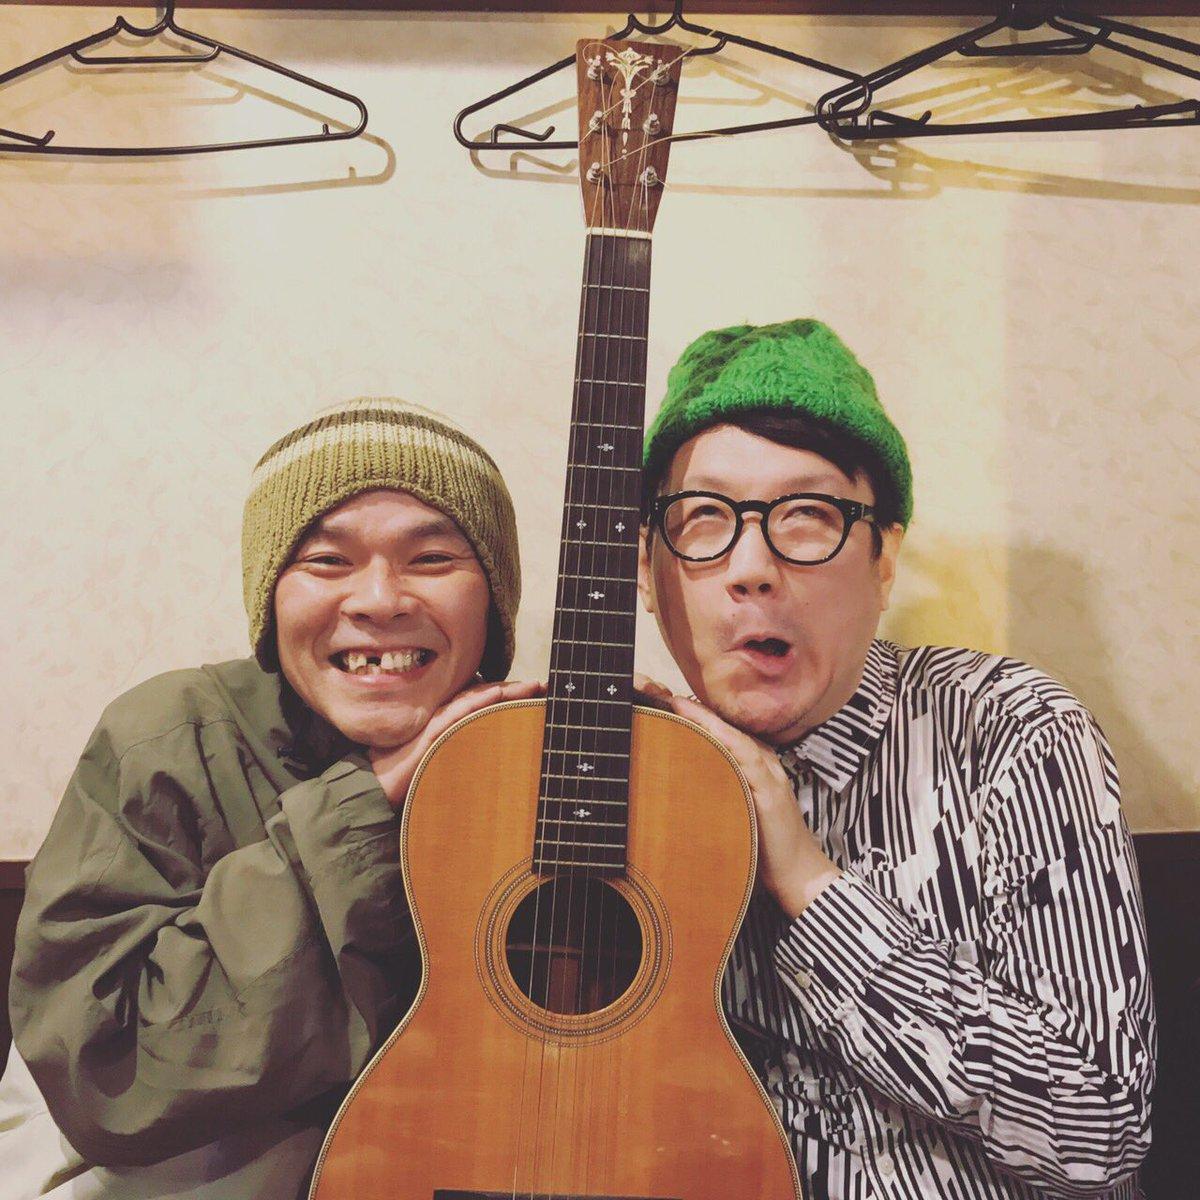 知久さんのギターが僕のところにやってきました。昨夜はその授与式。嬉しすぎて顔がバグってます。大切に弾きます! https://t.co/dTVBAHXOm0